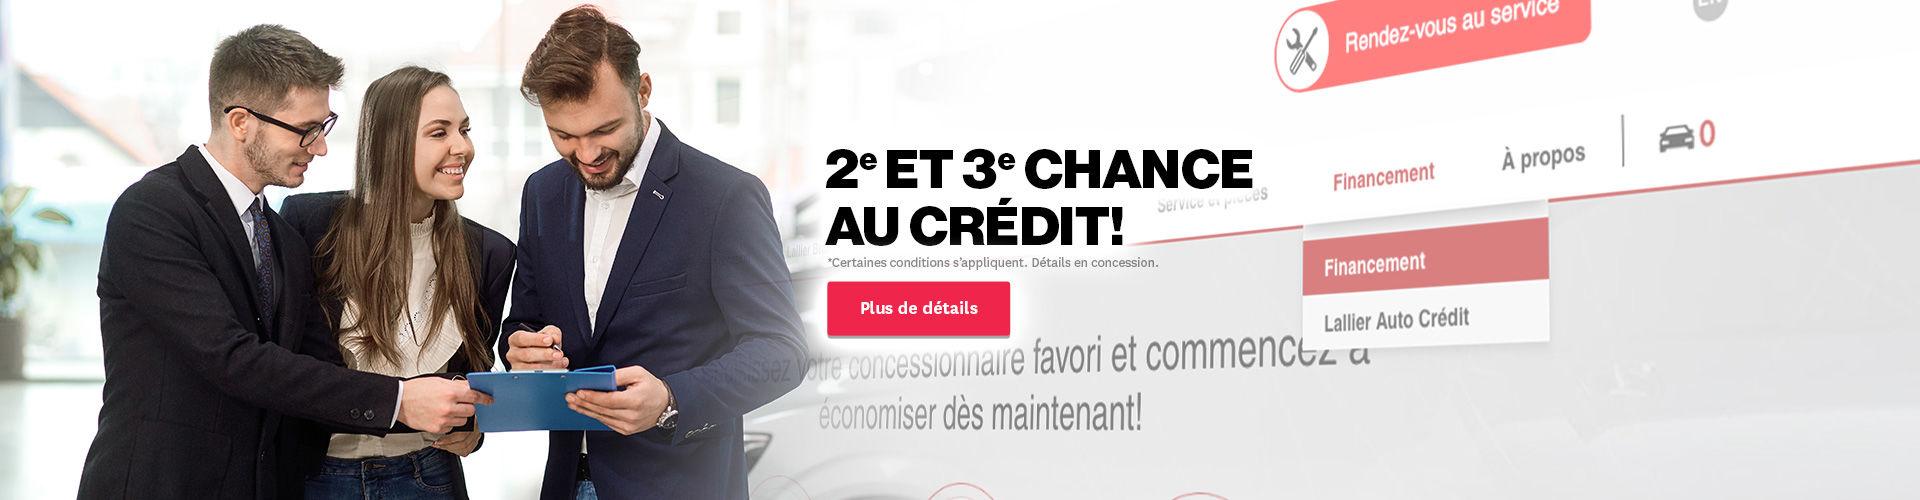 2e et 3e chance au crédit